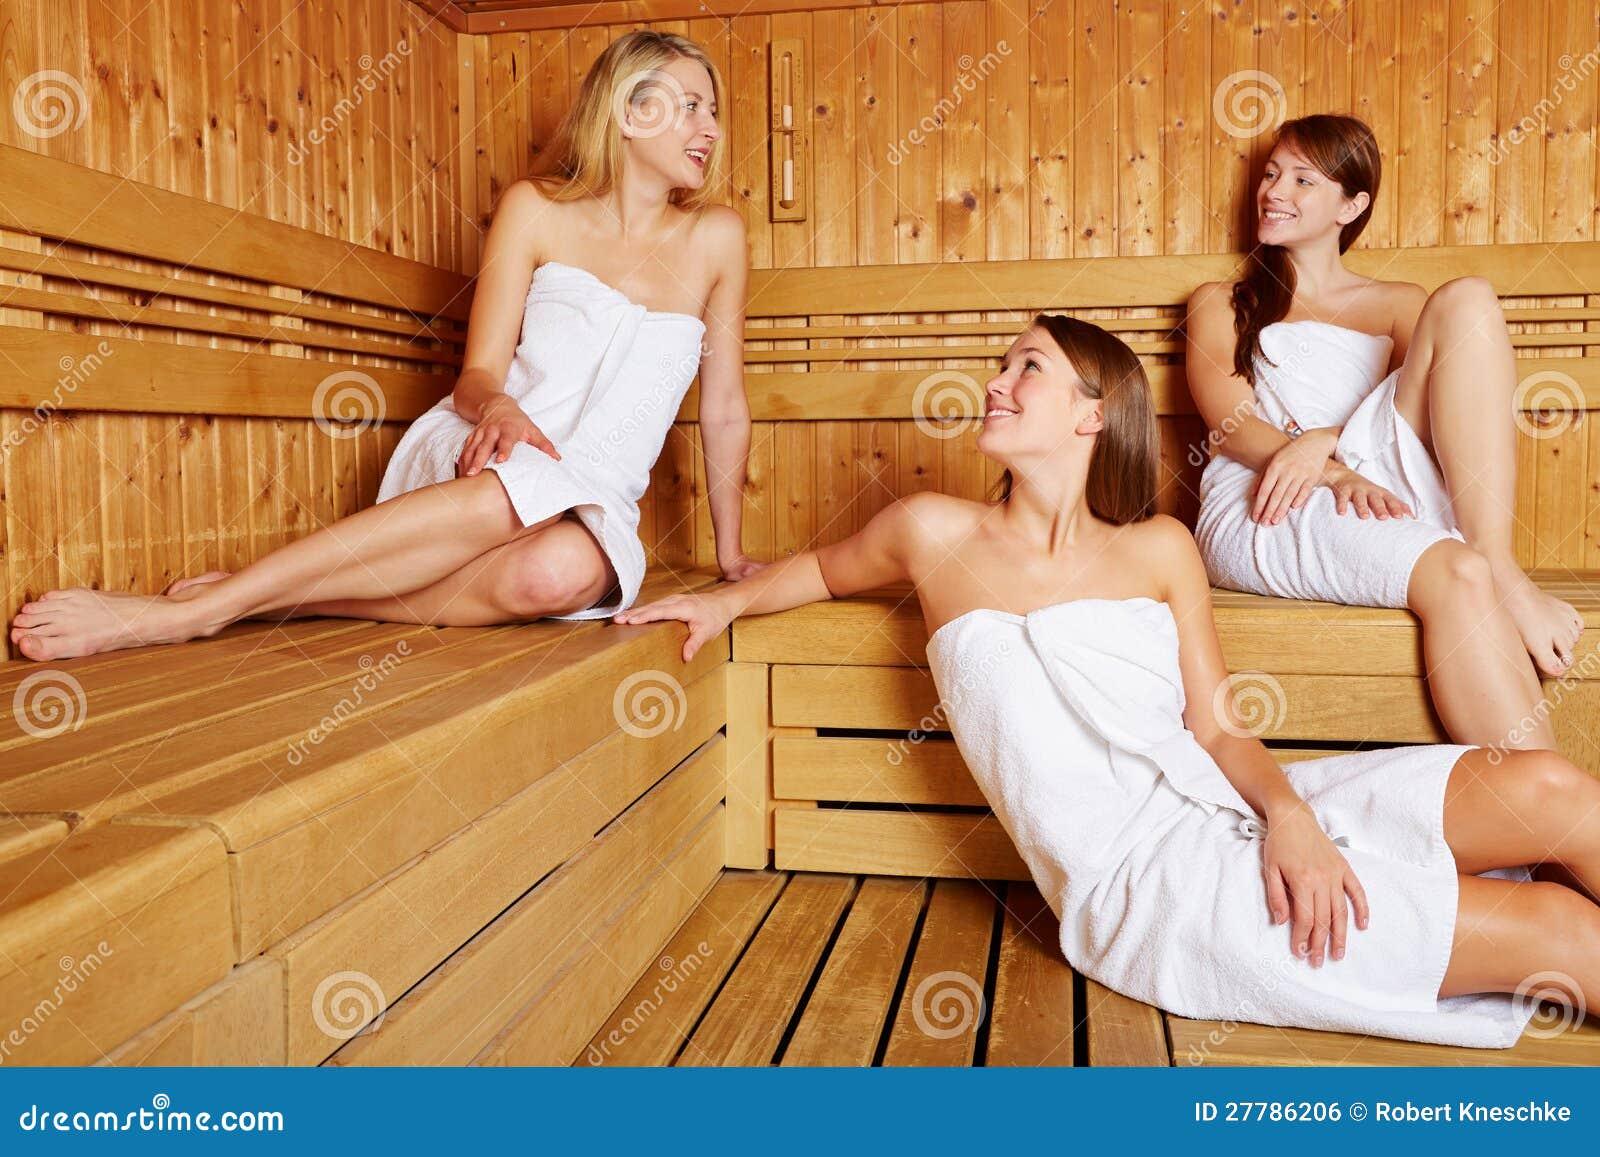 sex video sauna sex in hof